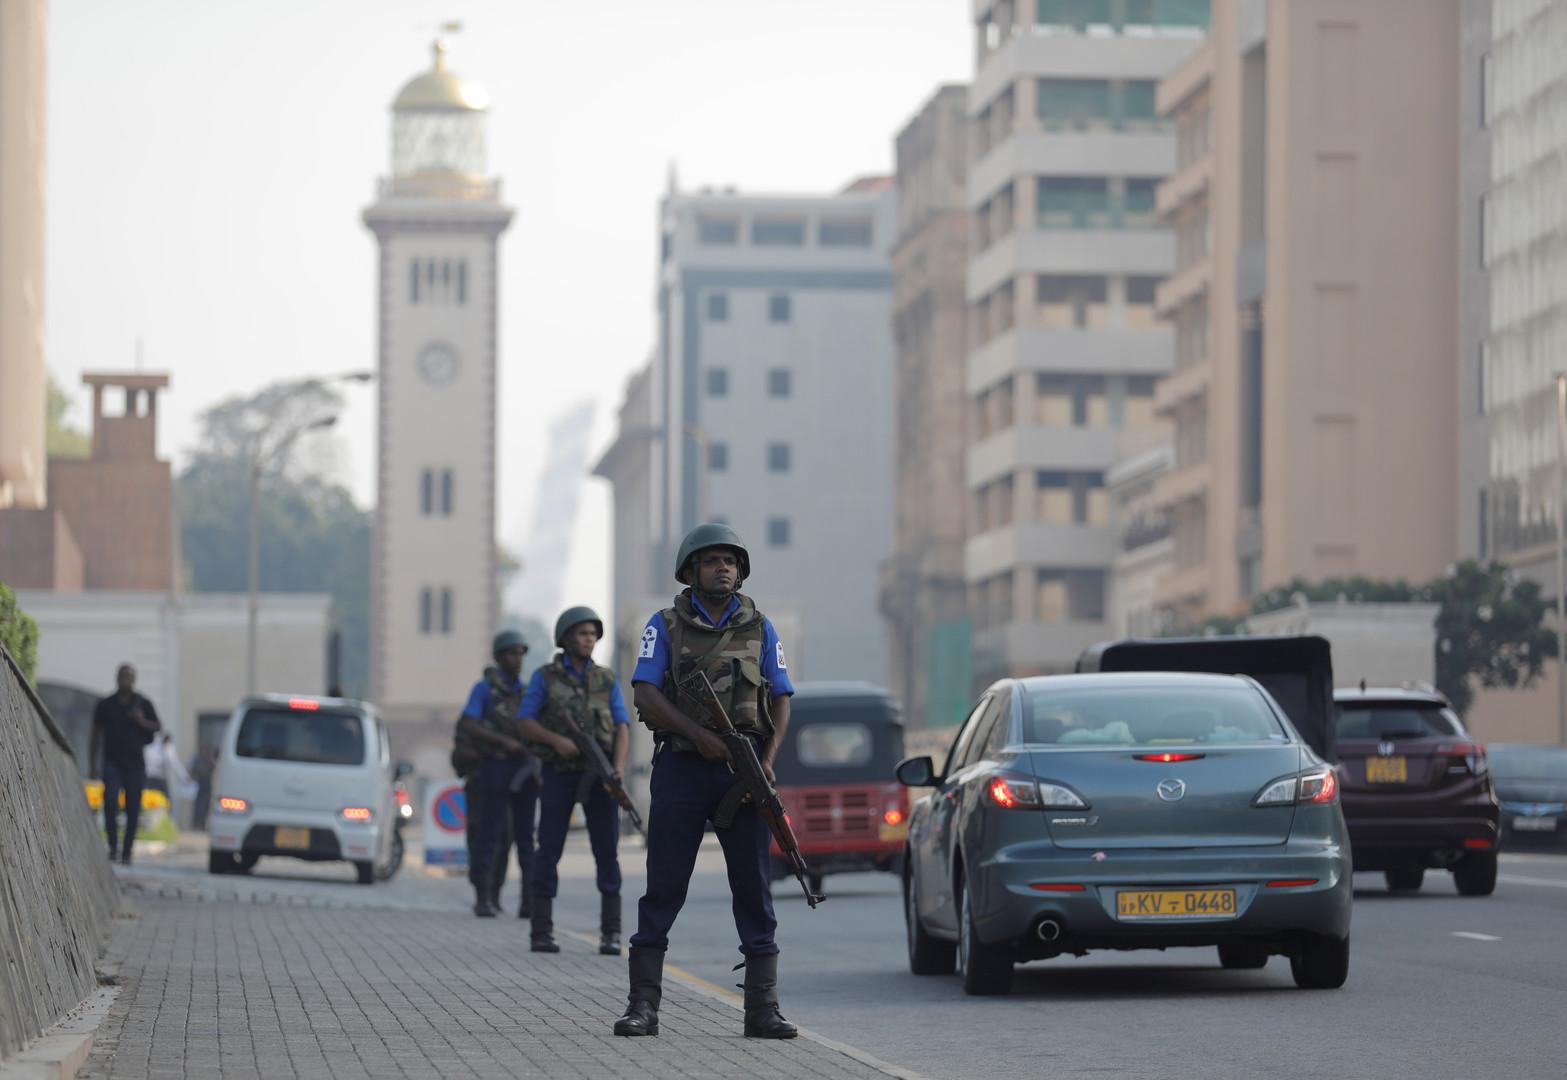 سريلانكا تحظر الطائرات المسيرة وتضارب الأنباء بشأن التفجير الجديد